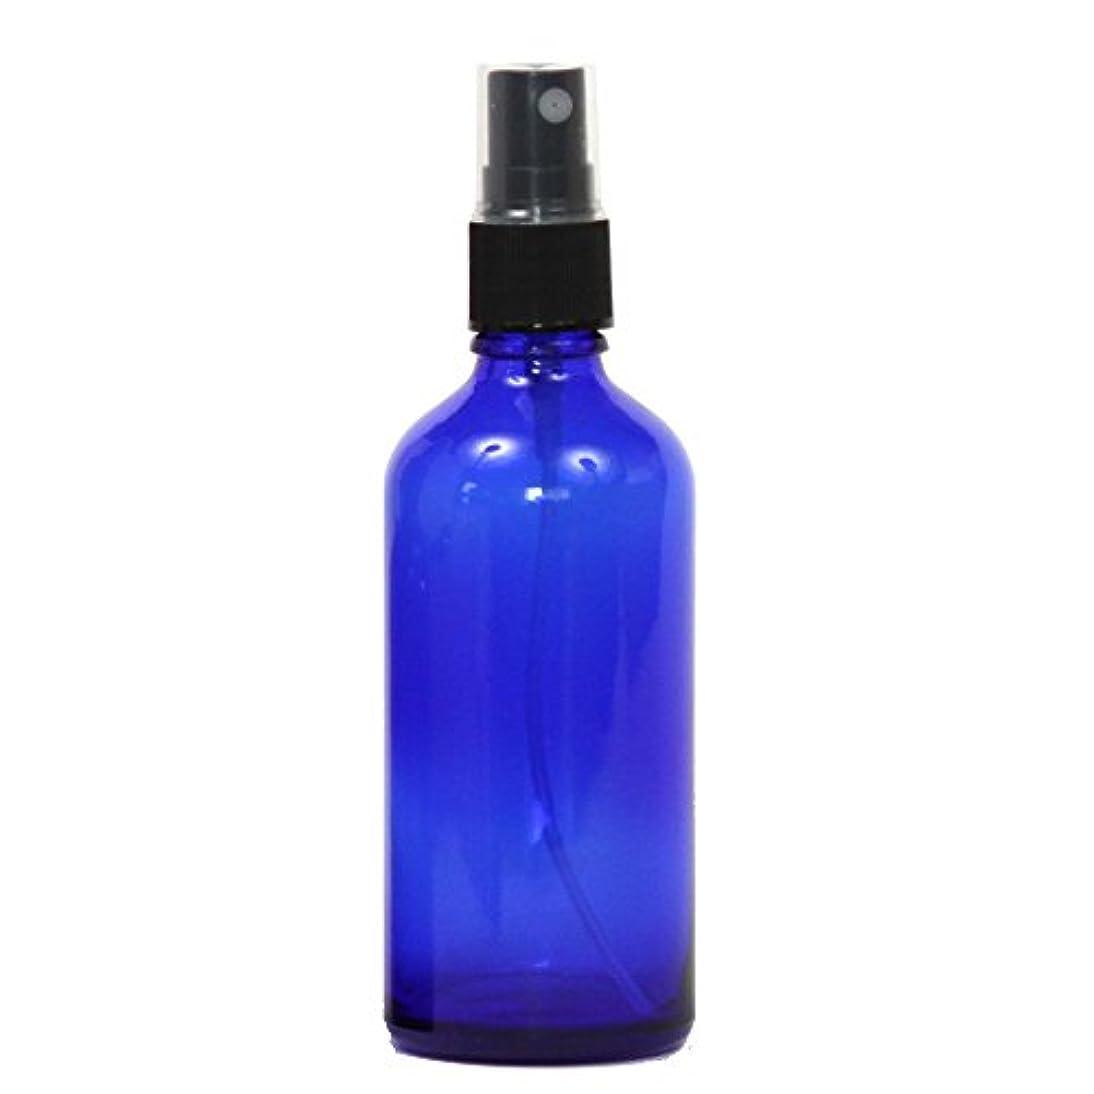 先のことを考える覗く広まったスプレーボトル ガラス瓶 100mL 【コバルト 青色】 遮光性 ブルーガラスアトマイザー 空容器bu100g